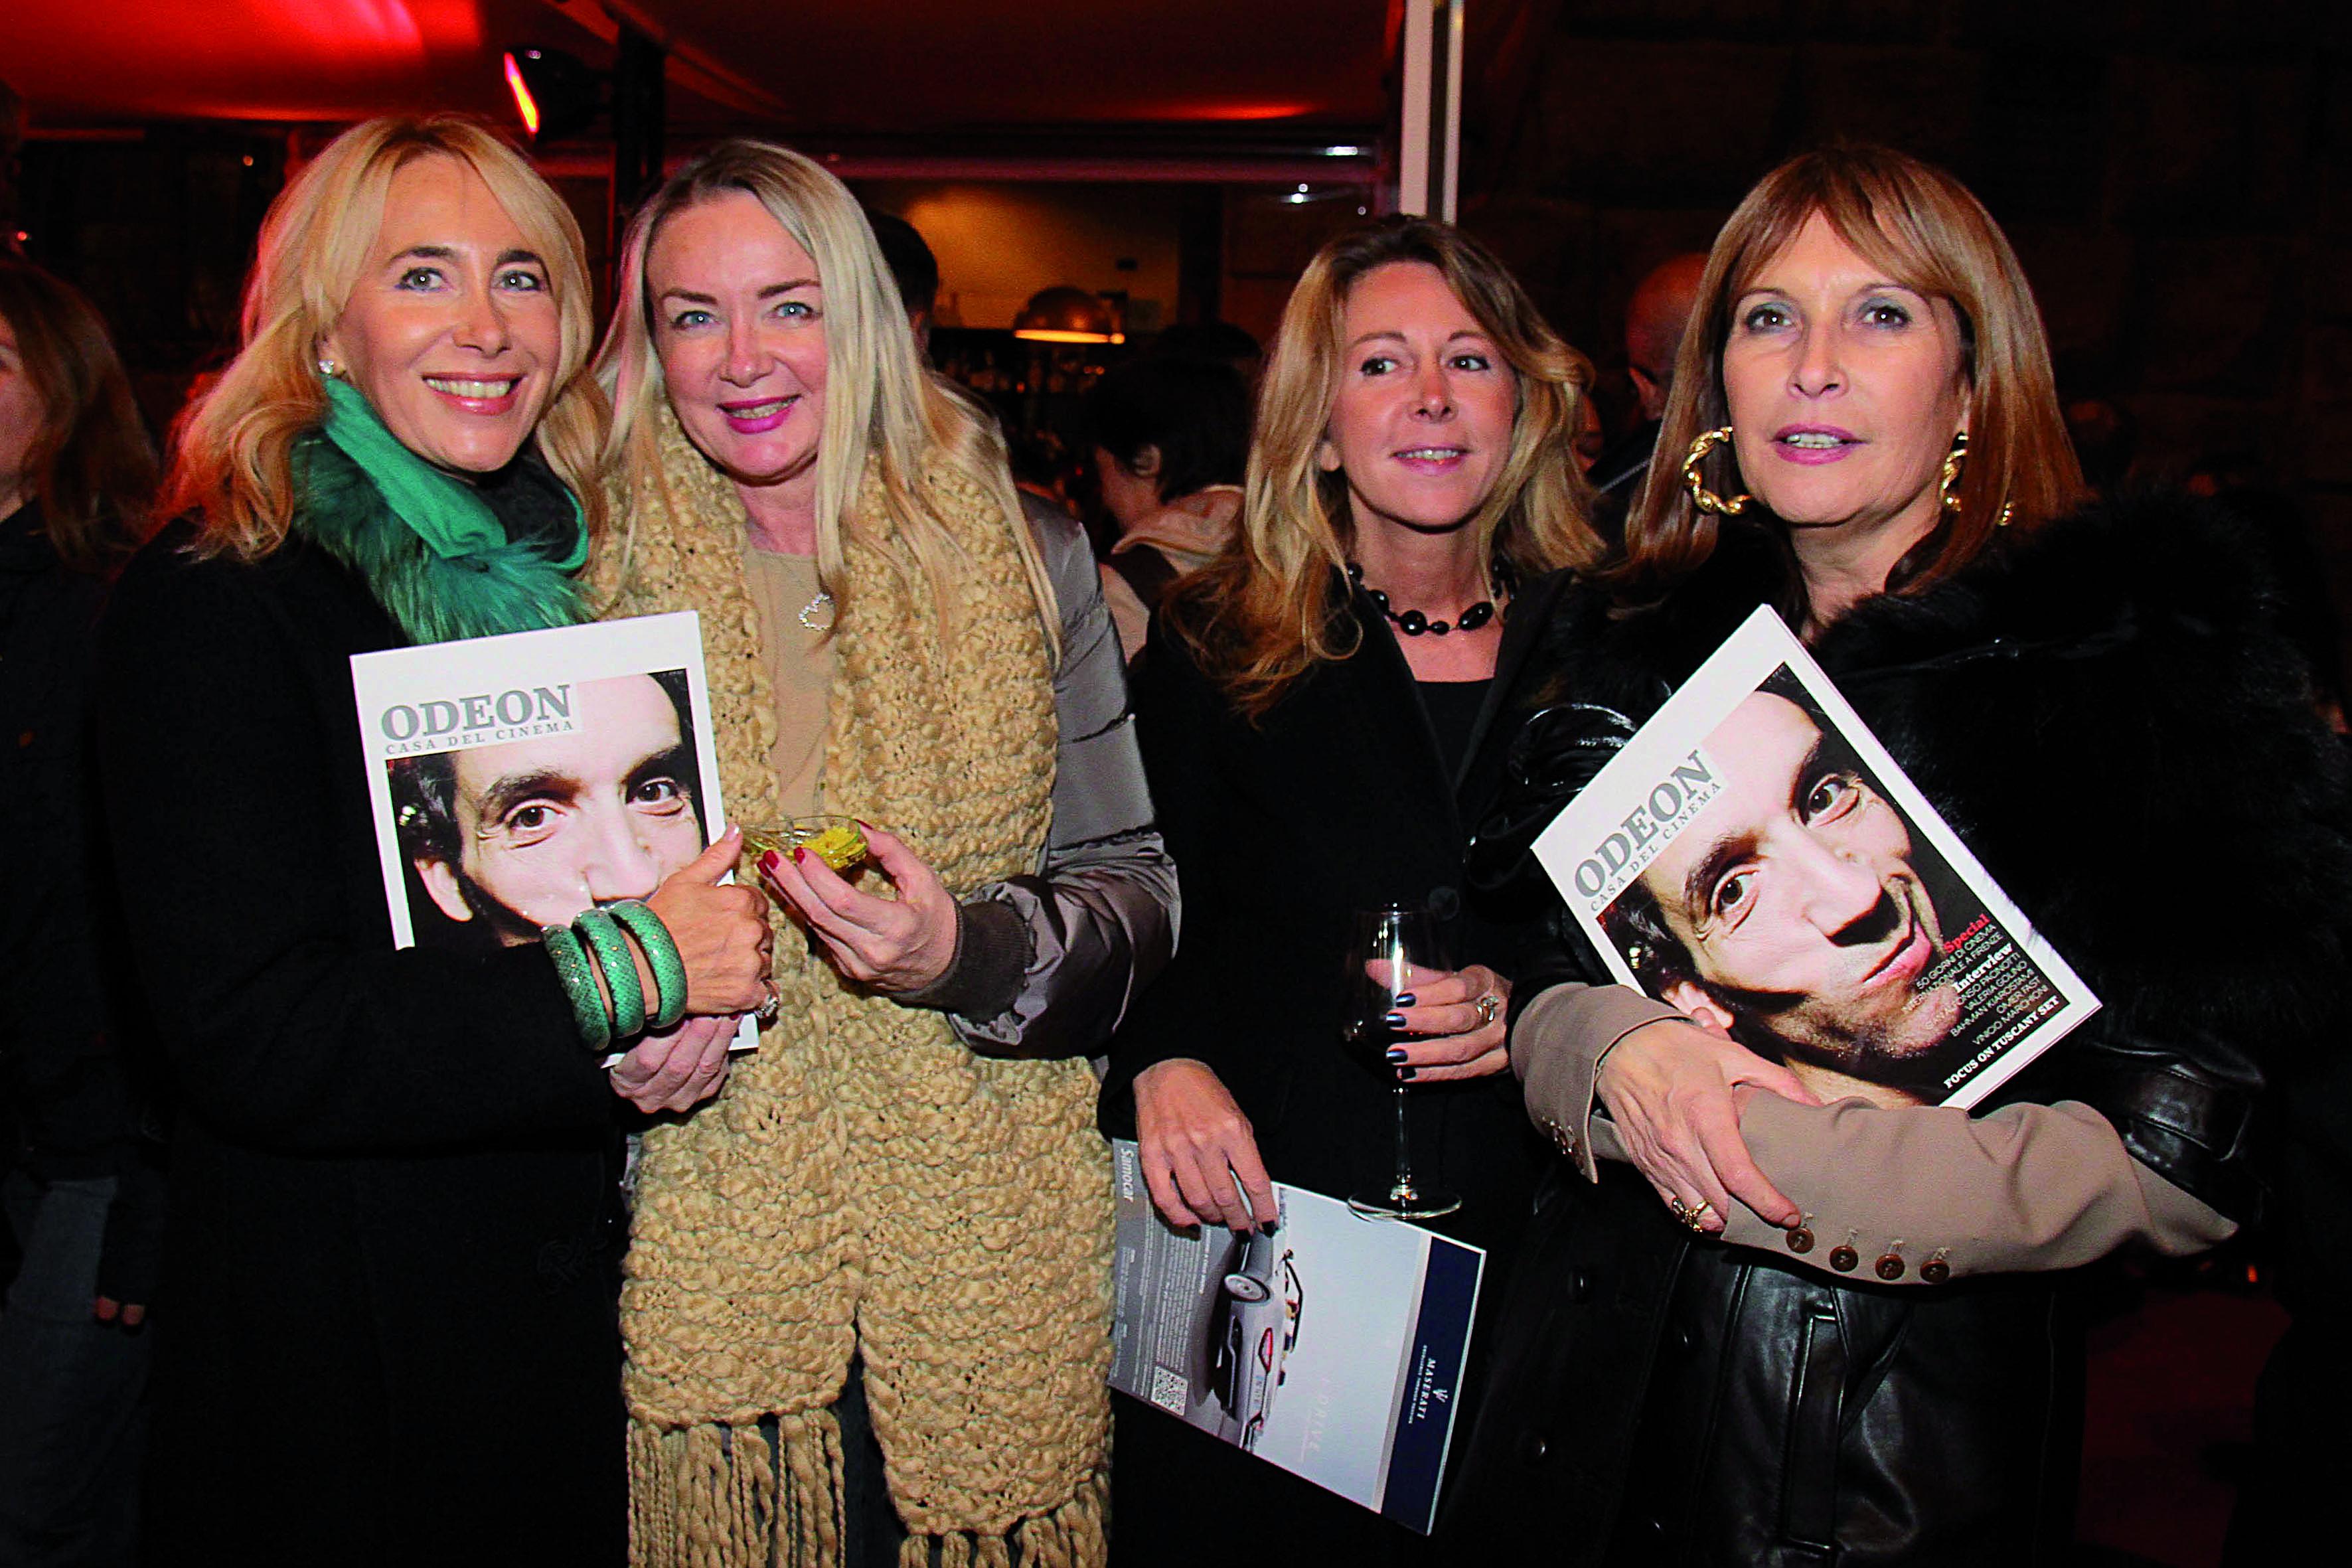 PRESSPHOTO. Firenze, Odeon Bistro, 50 giorni di cinema. Nella foto Antonella Romani, Barbara Bindi, Micaela Frumento e Stefania Boni